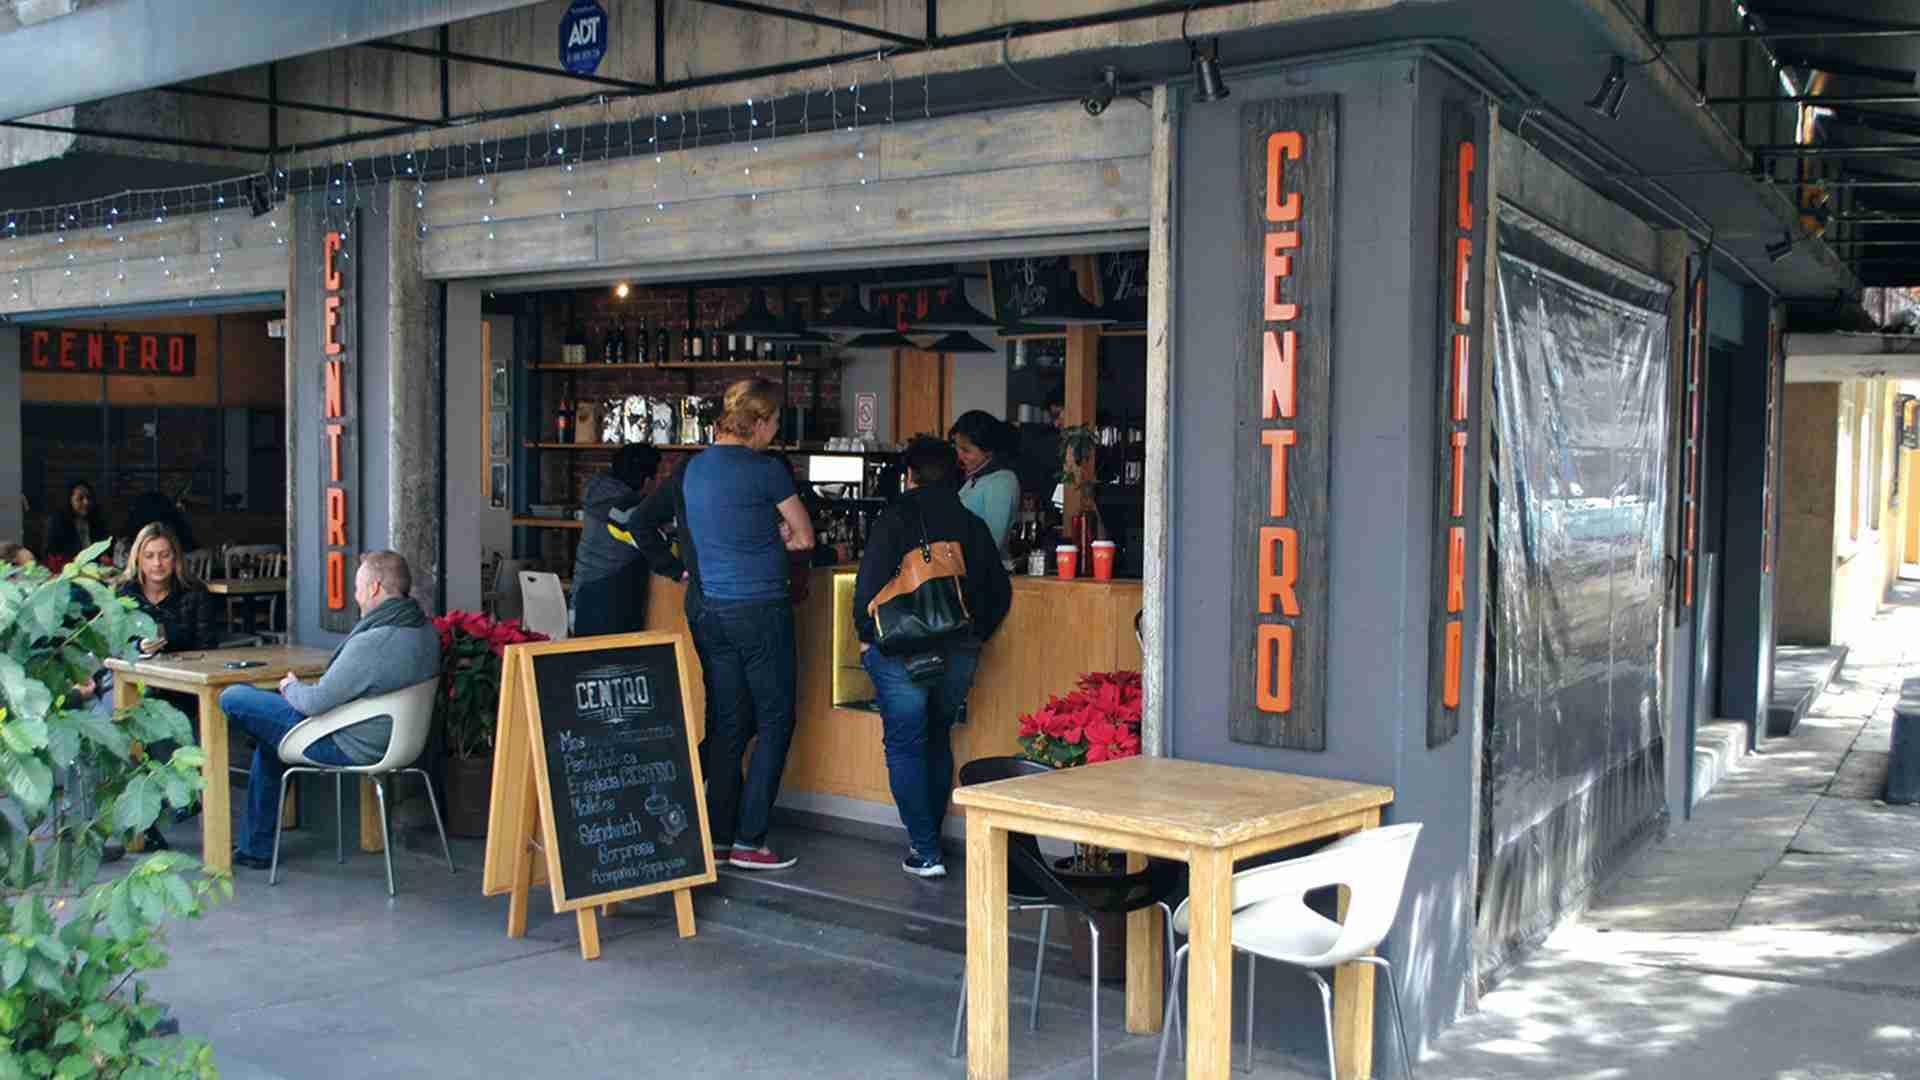 Centro Café, el lugar para revivir experiencias únicas en torno a la taza